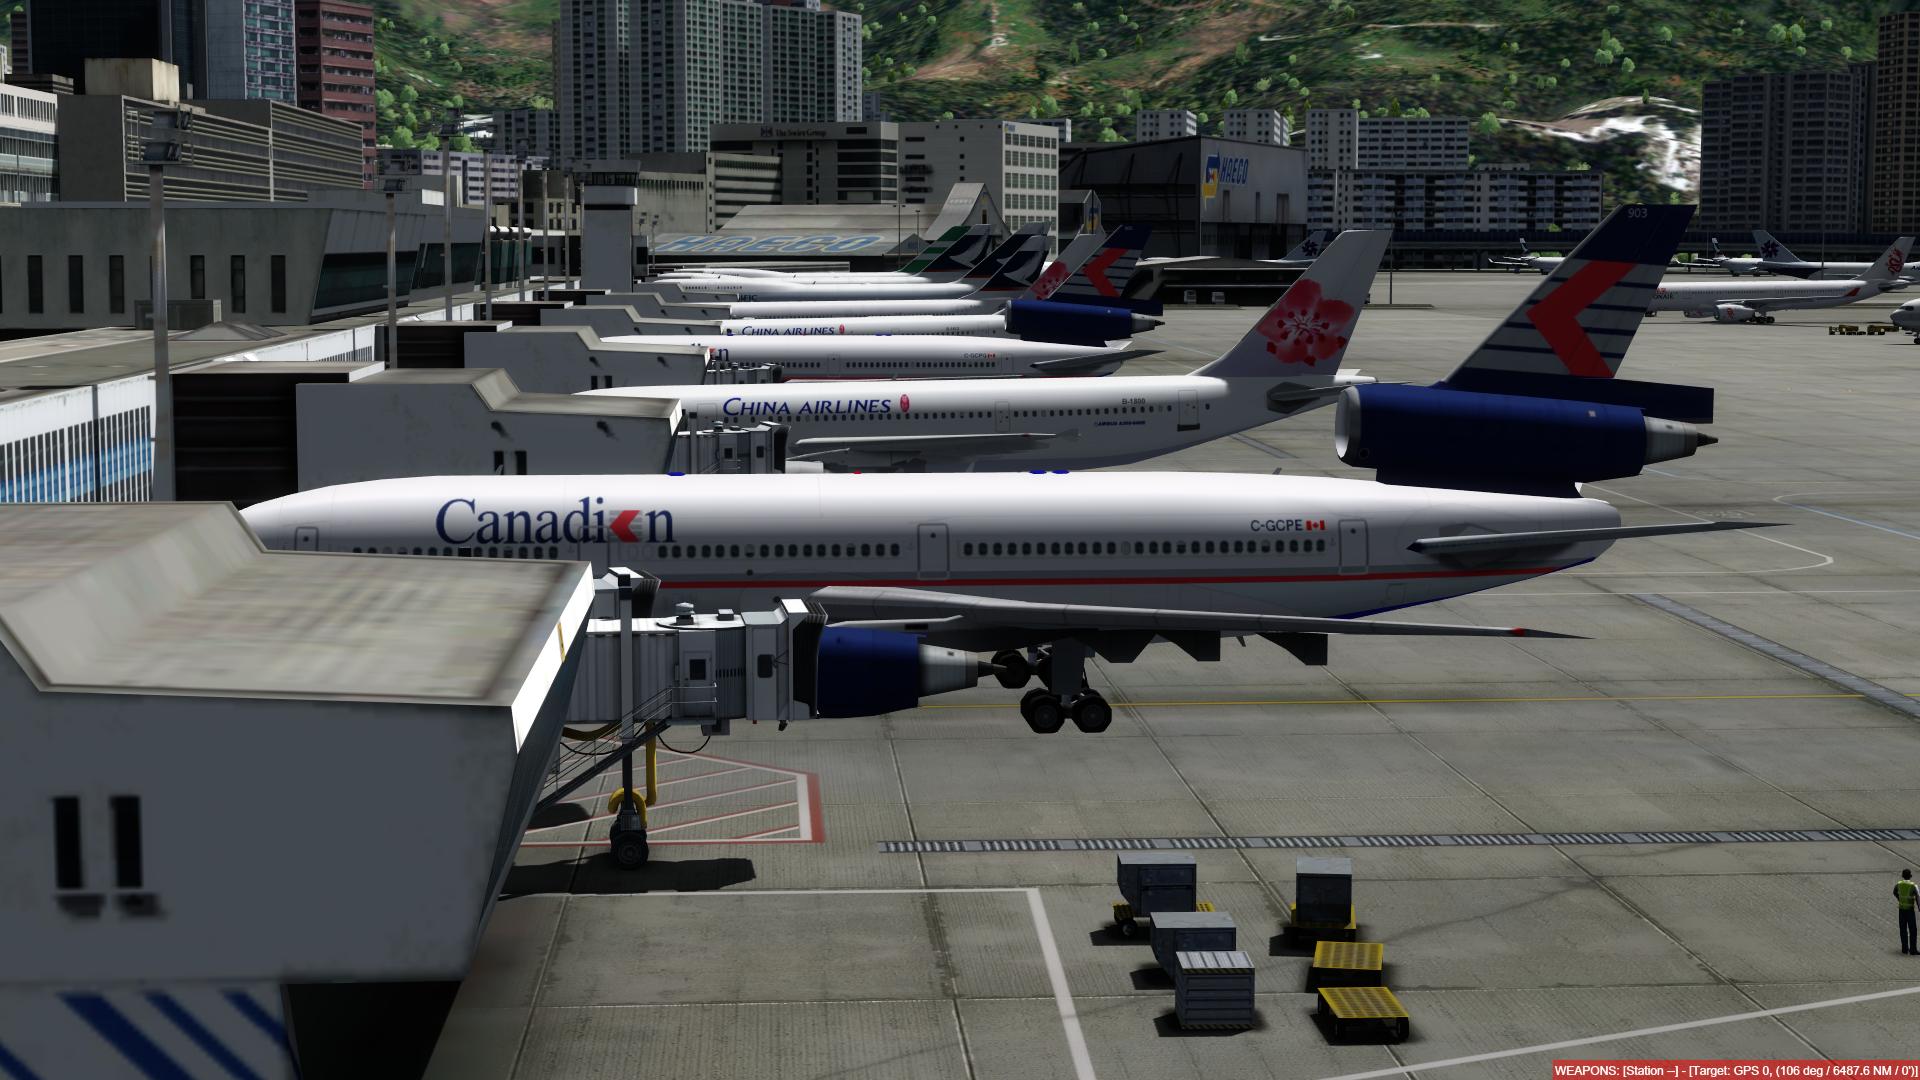 O dia a dia em Hong Kong Kai Tak - O aeroporto mais emocionante do mundo! P3D V4.4 - Só trafego AI. Captura-de-Tela-223